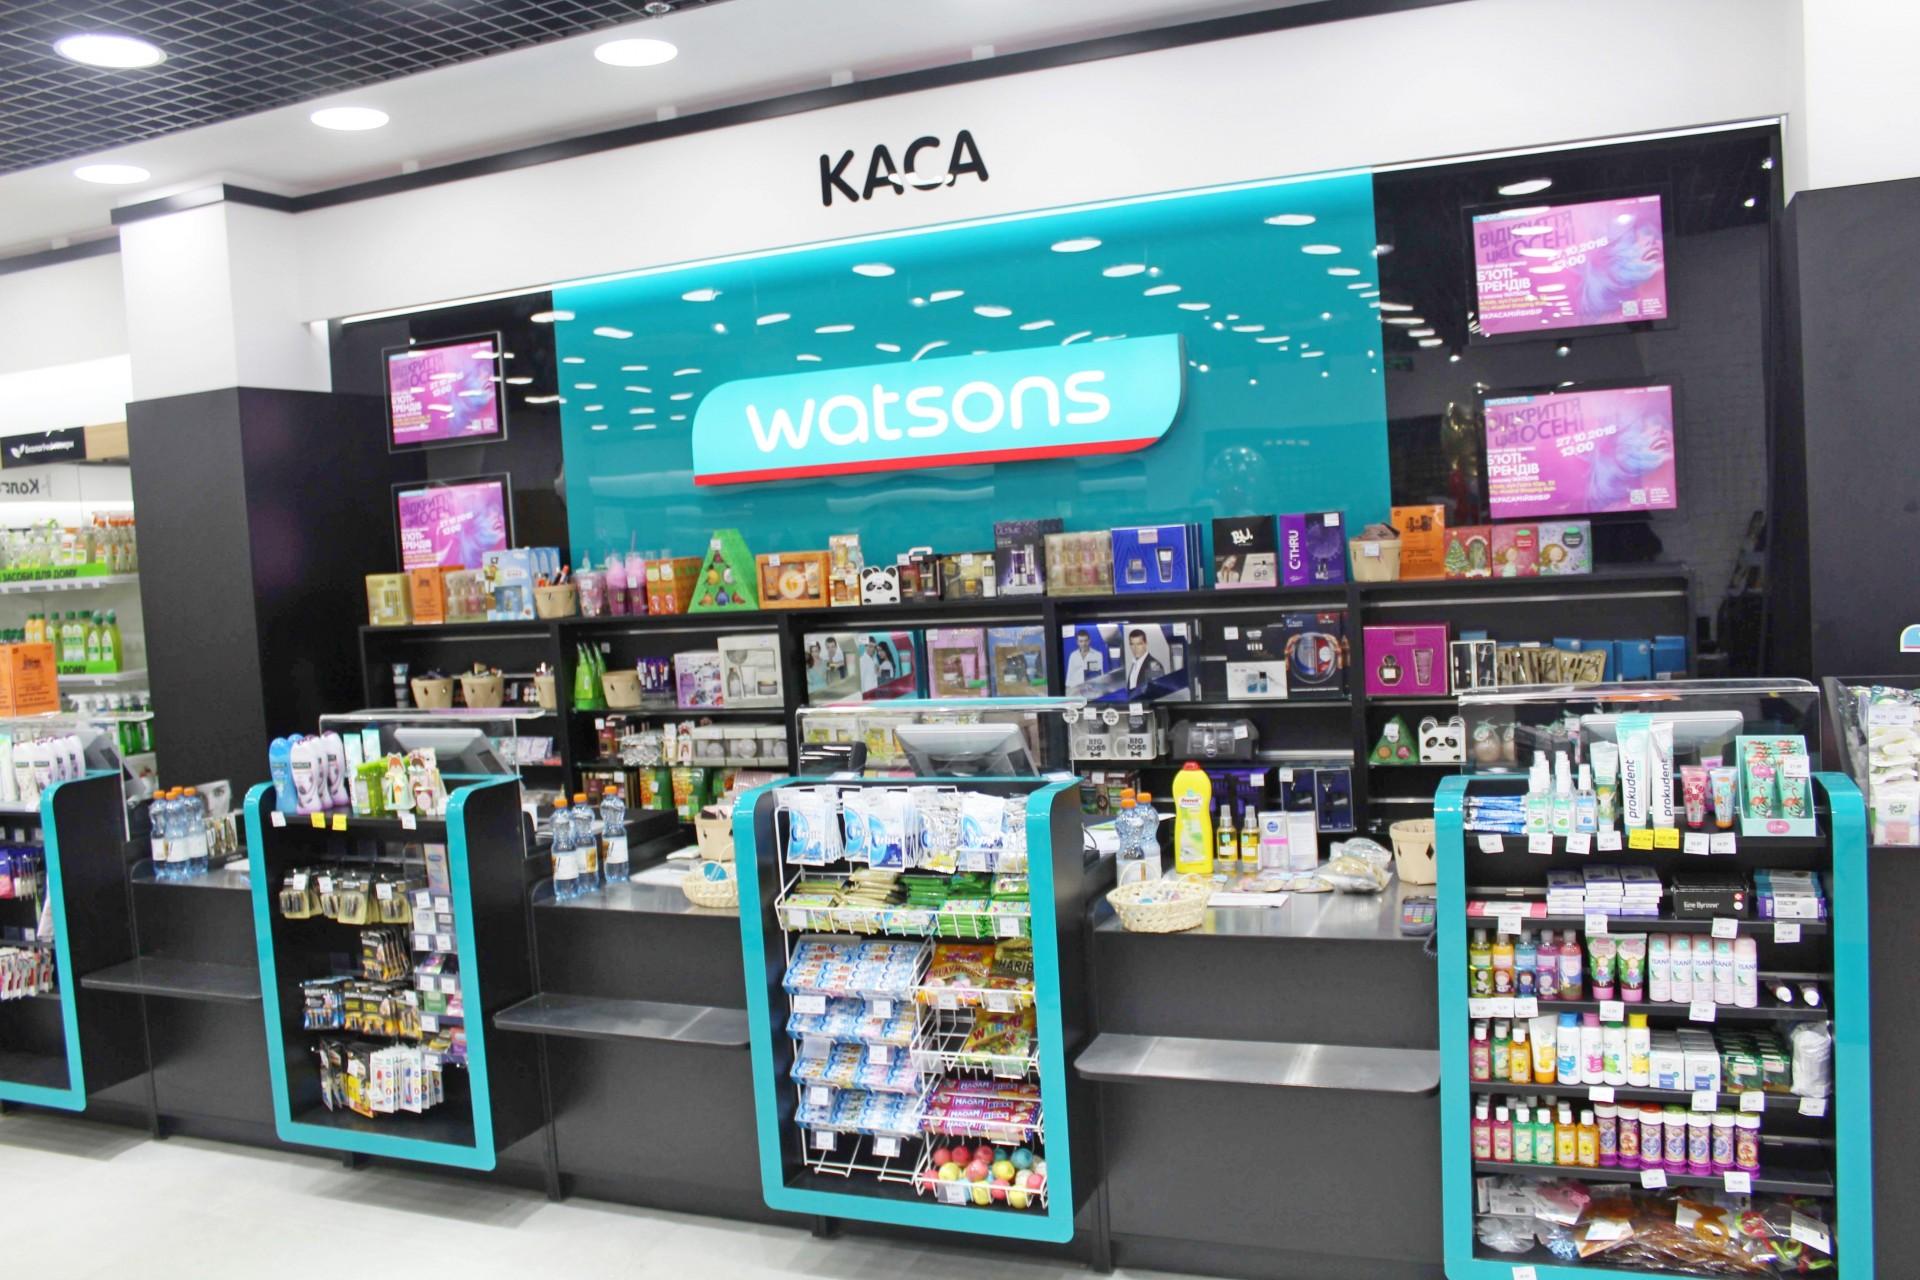 Півтора роки тому ми дали можливість нашим клієнтам купувати товари, які  вони люблять, в нашому інтернет-магазині. Watsons став першою серед  роздрібних ... e34694a06d7